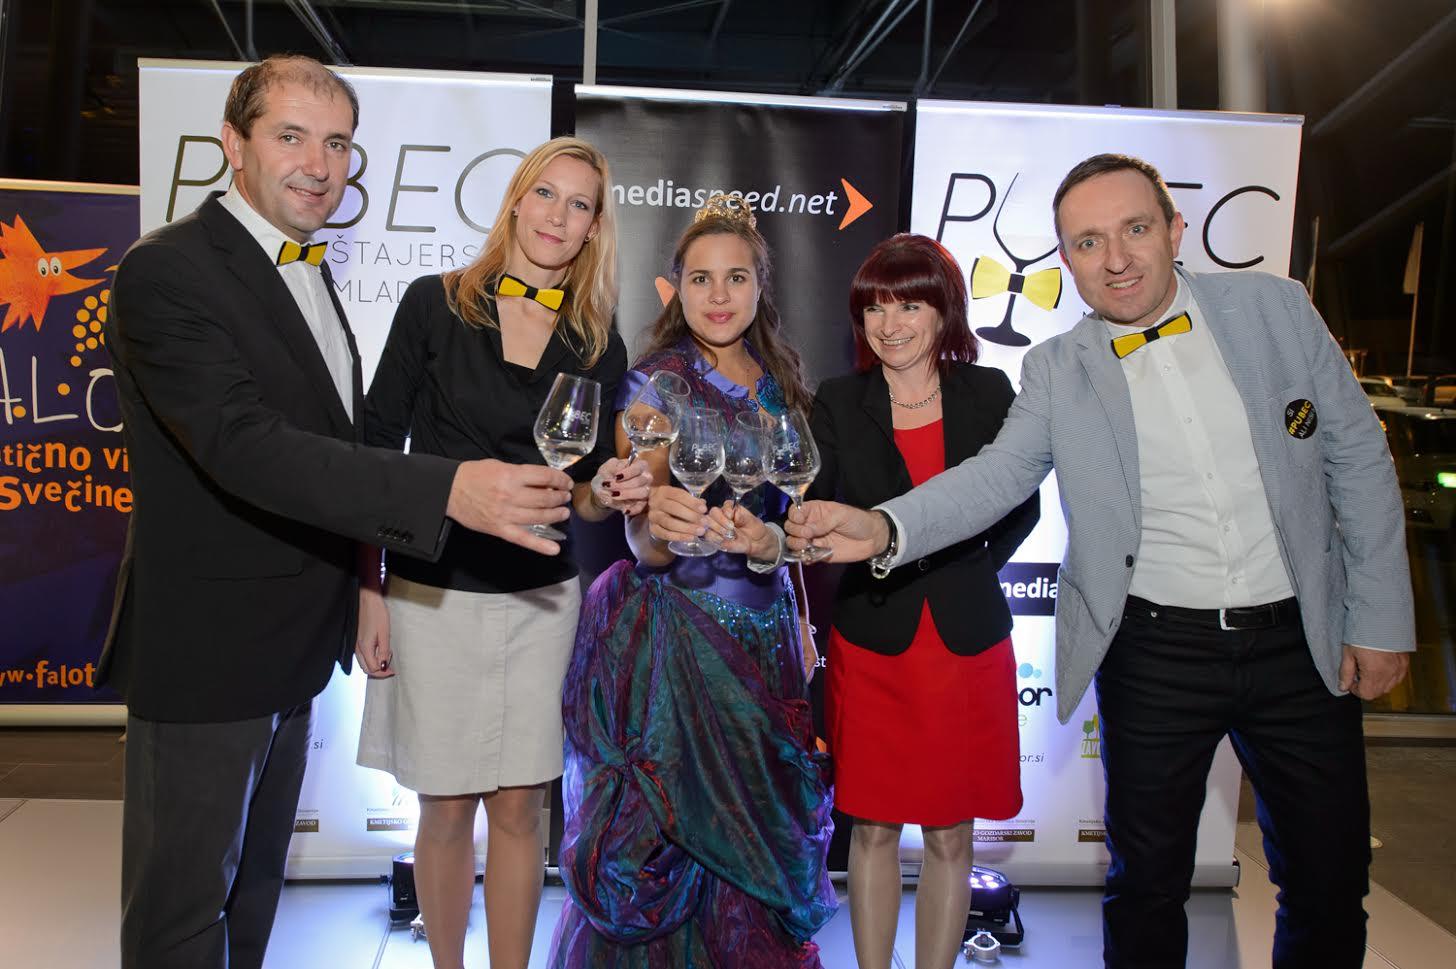 Andrej Rebernišek, Tanja Srečkovič Bolšec, Sara Stadler, Tadeja Vodovnik Plevnik, Borut Cvetko; FOTO: Mediaspeed